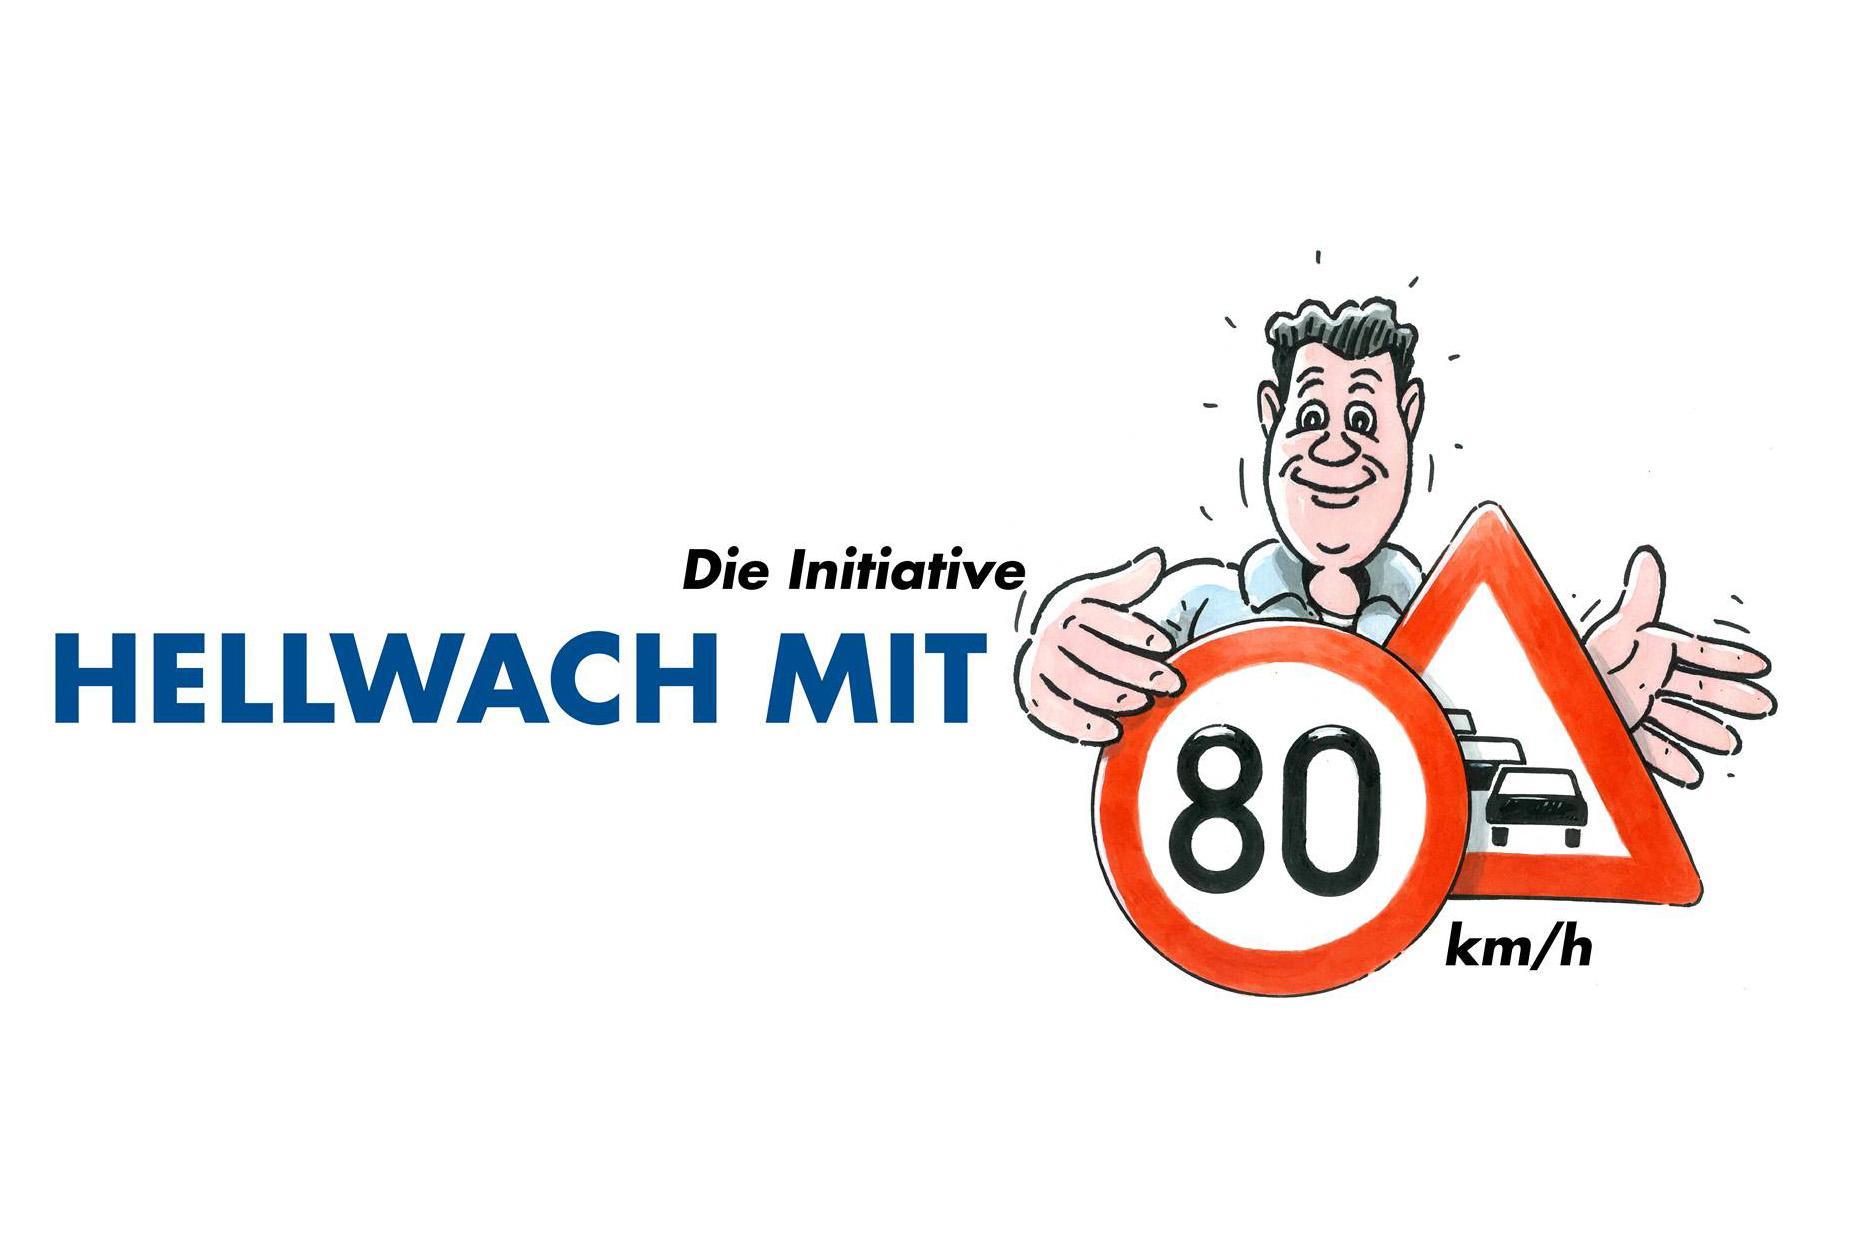 """""""Hellwach mit 80 km/h"""", cea mai amplă campanie de siguranță rutieră din Germania"""